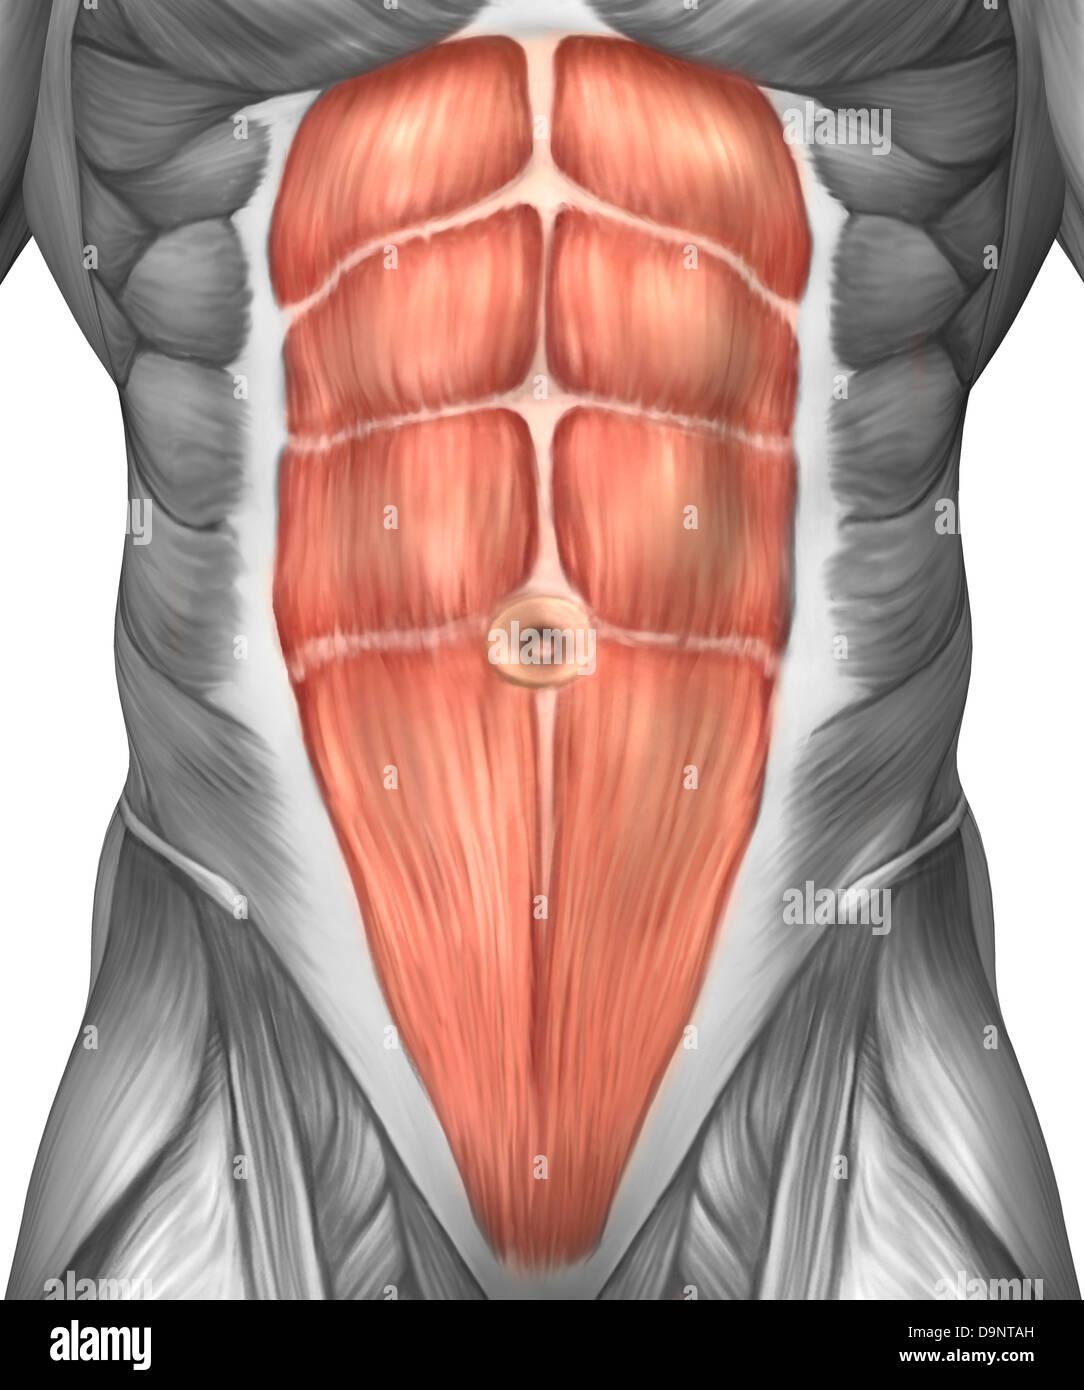 Anterior Torso Muscles Stock Photos & Anterior Torso Muscles Stock ...